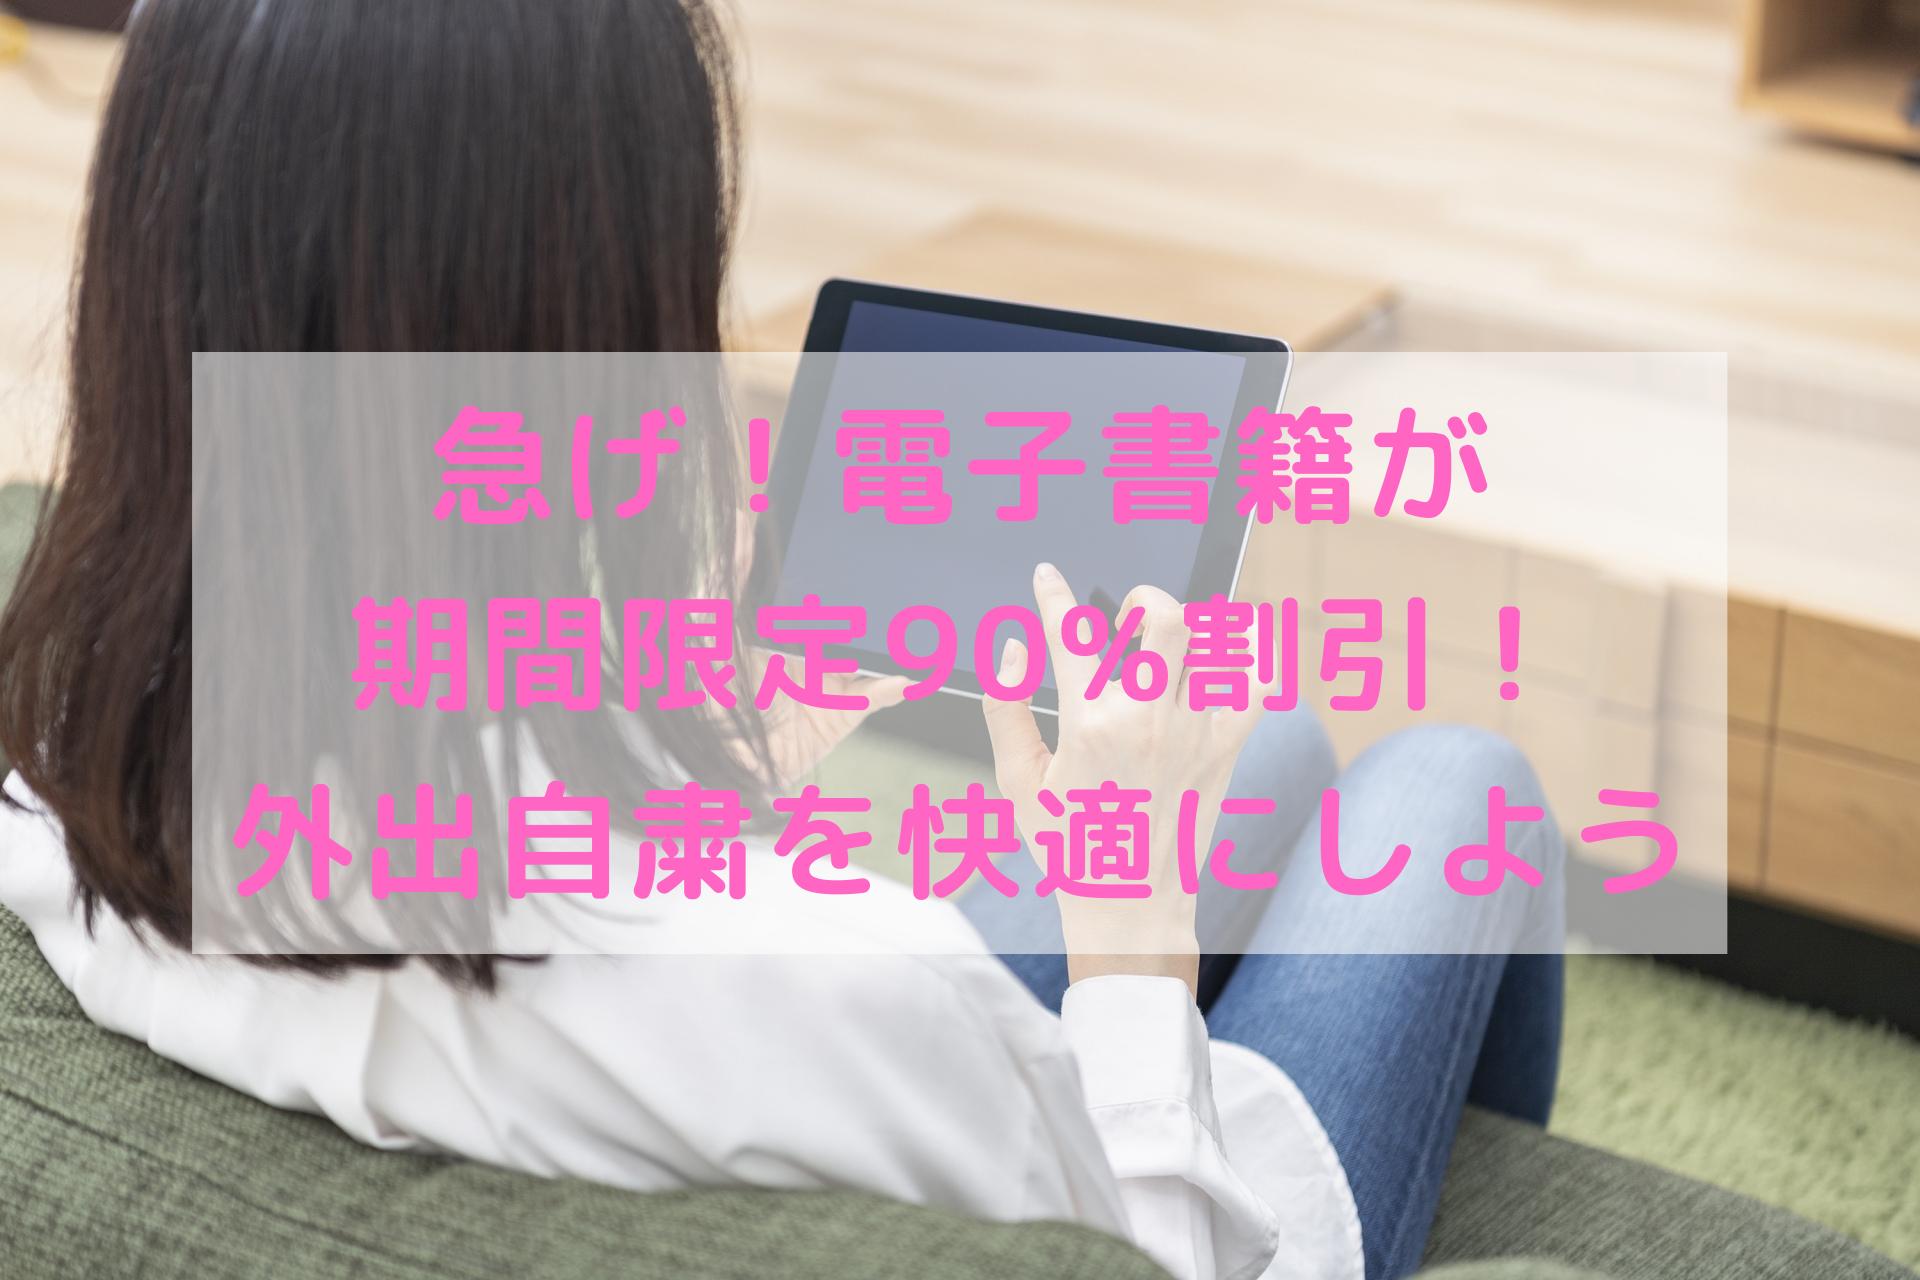 【5/6まで】電子書籍が90%割引!!3カ月間お得に利用する方法を解説